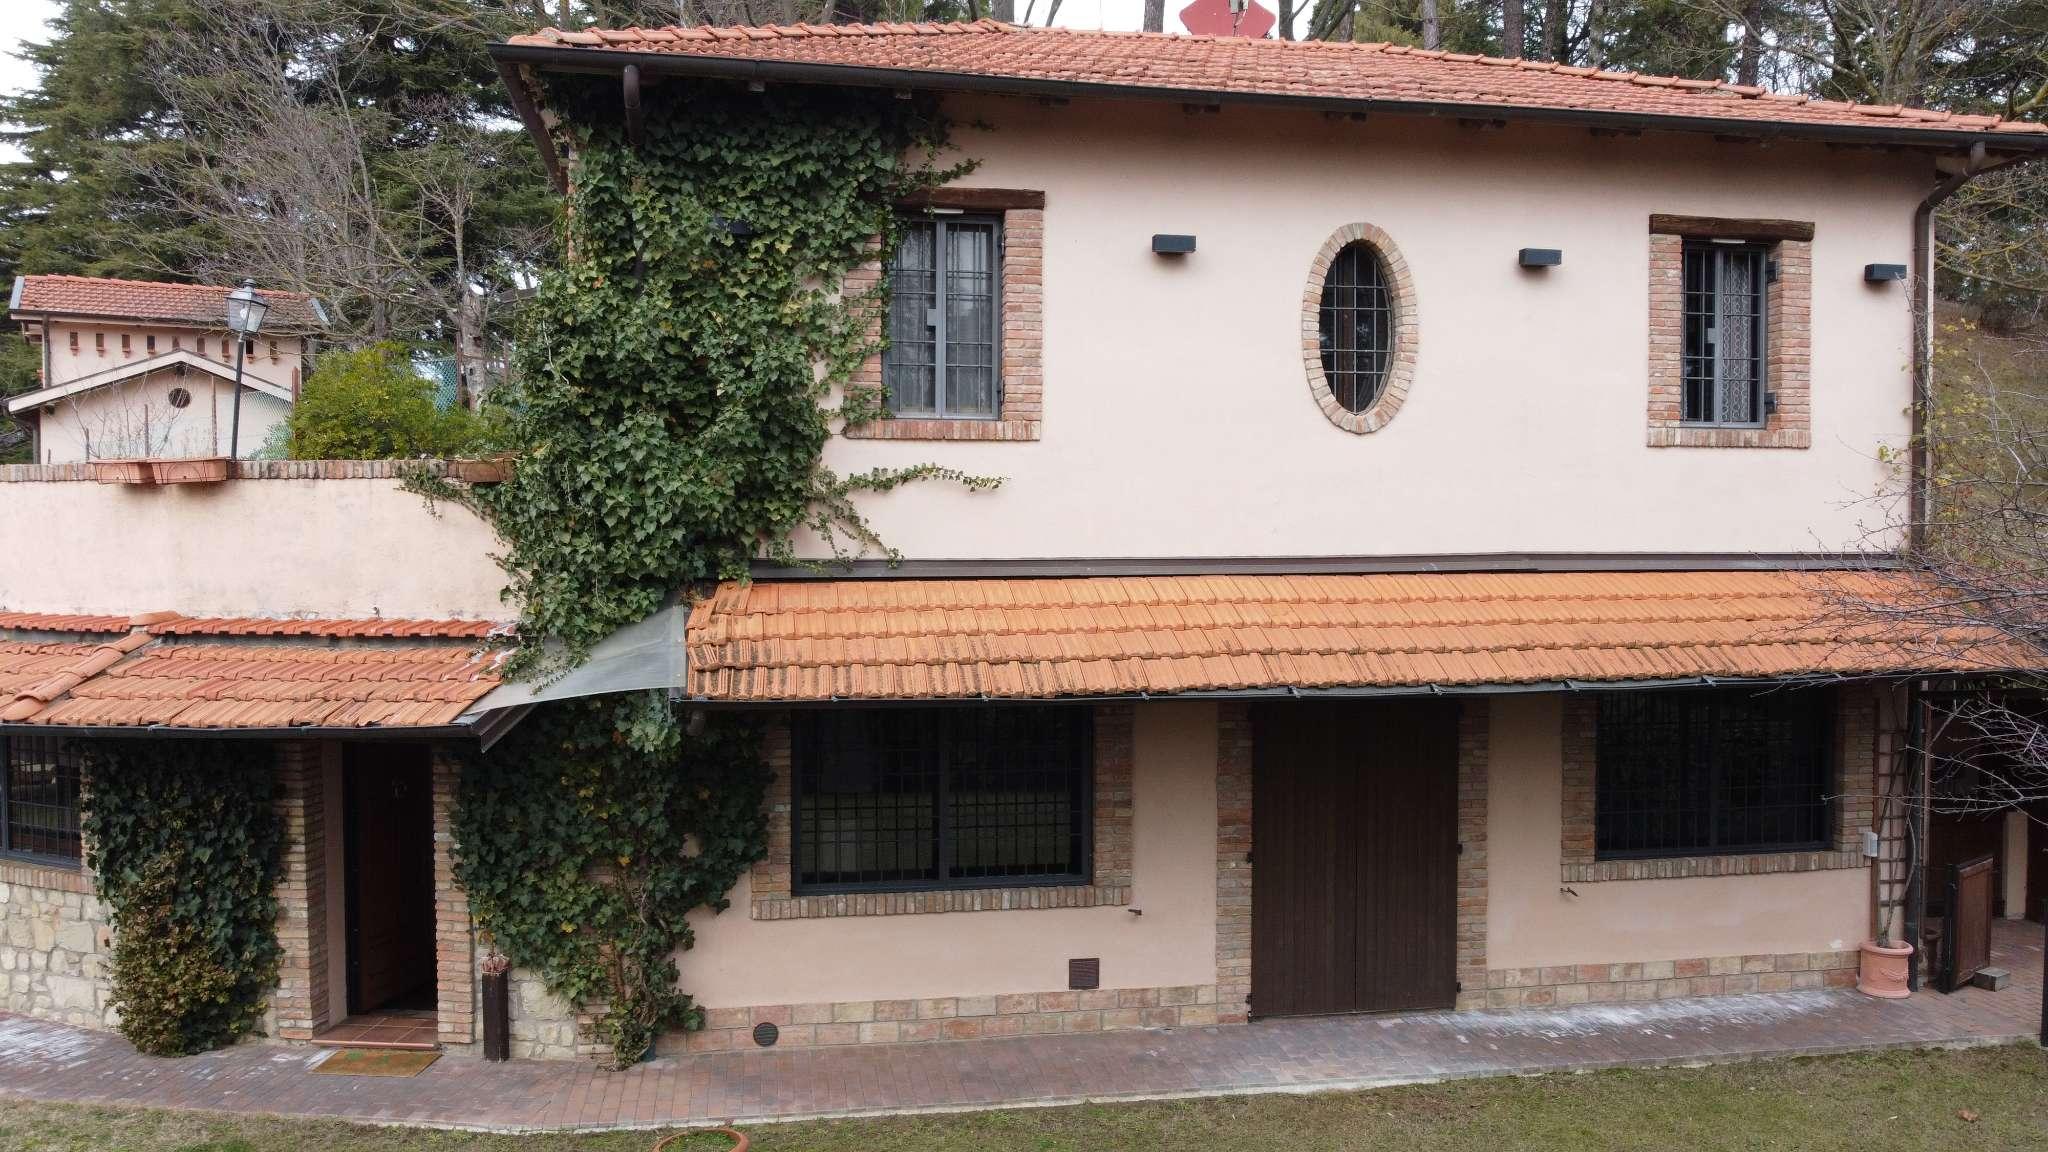 Sasso Marconi Vendita VILLA UNIFAMILIARE Immagine 1